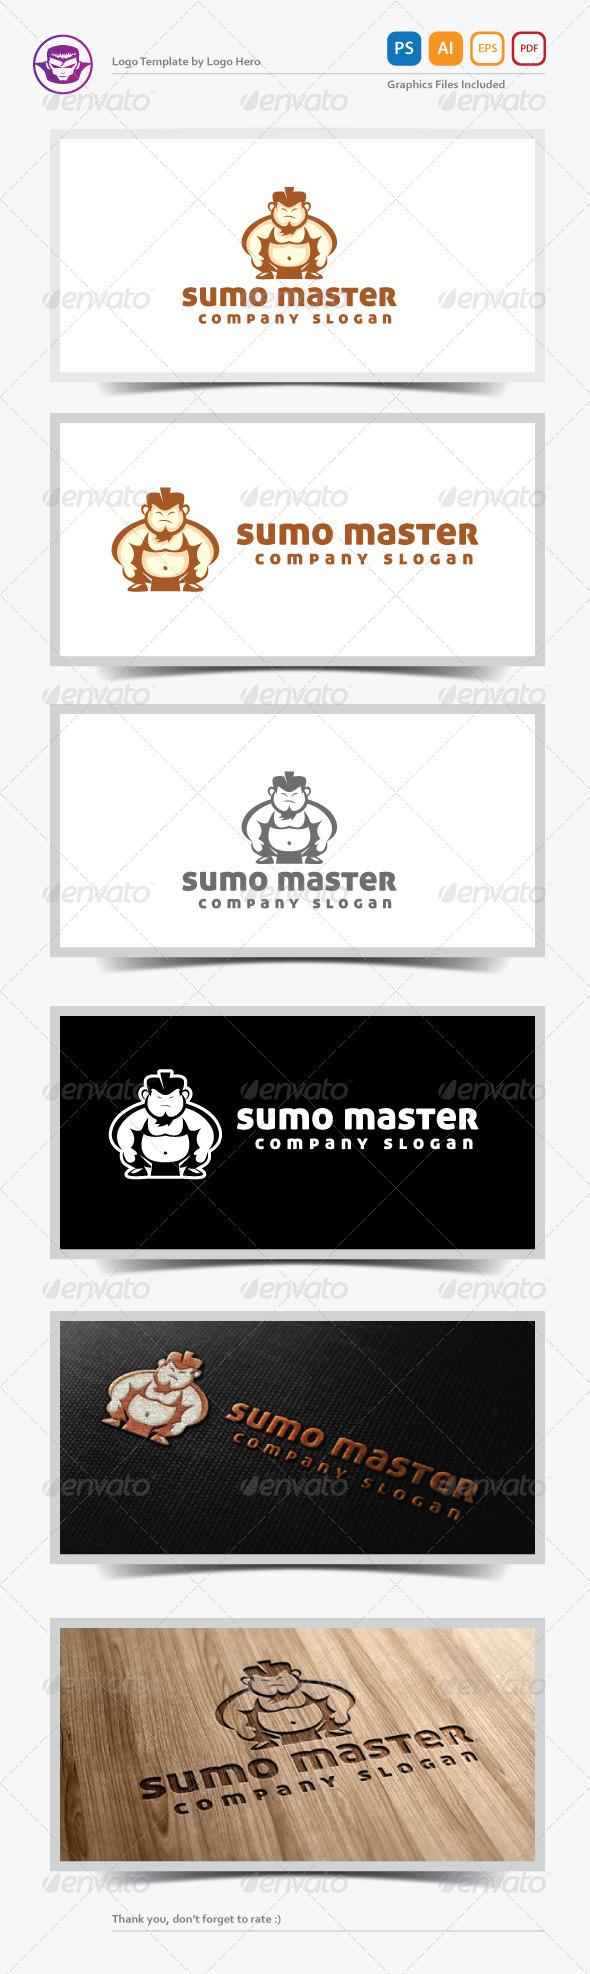 GraphicRiver Sumo Master Logo Template 5505099